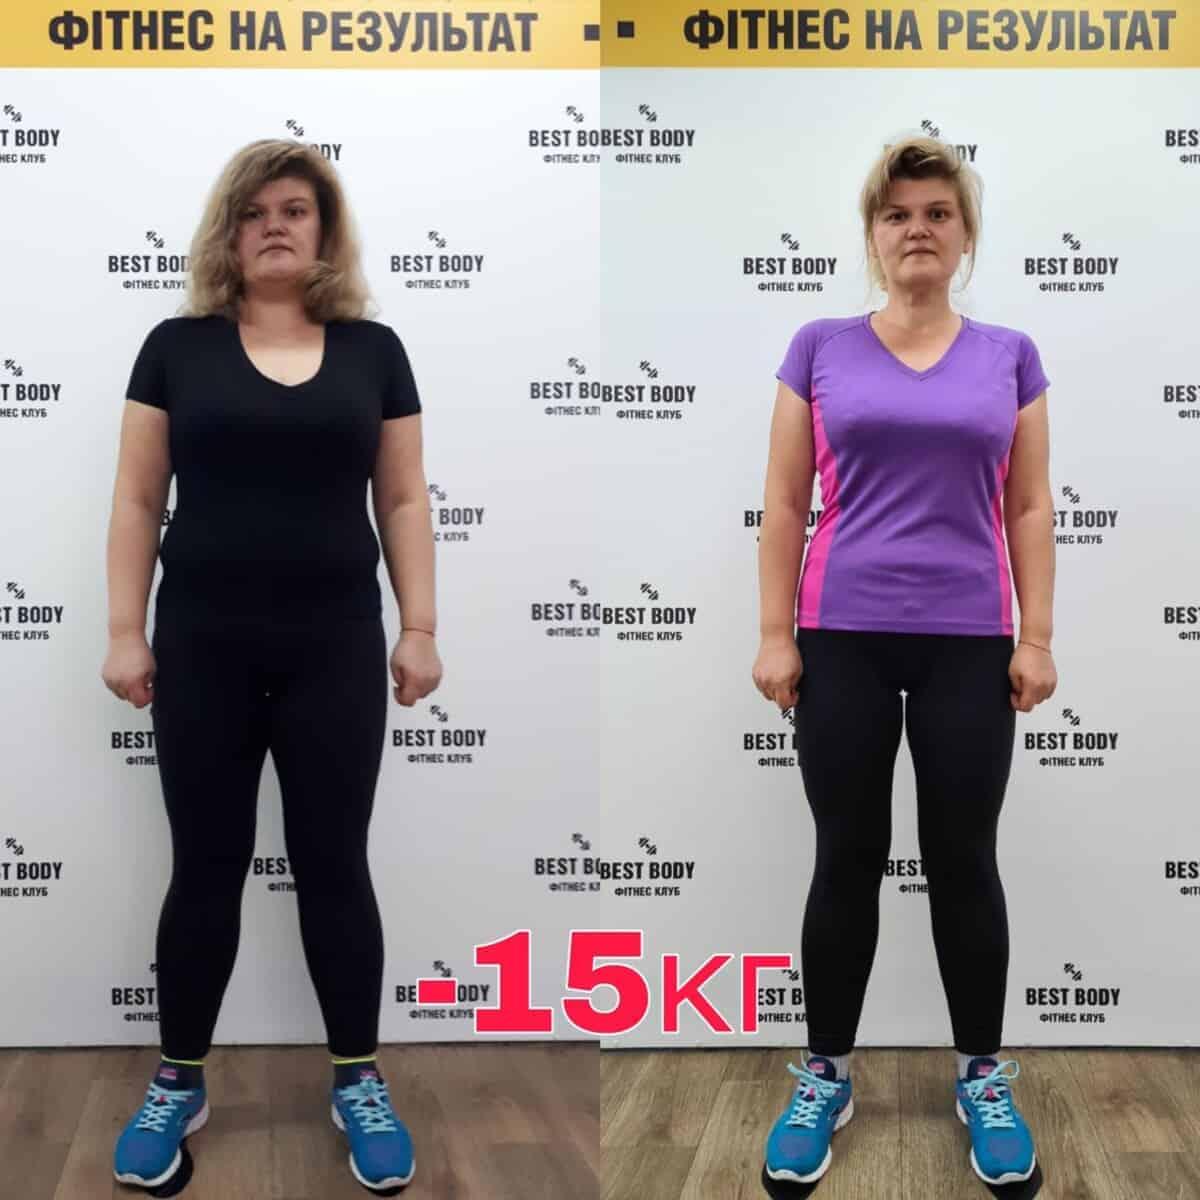 zobrazhennya_viber_2020-08-13_16-25-09-1